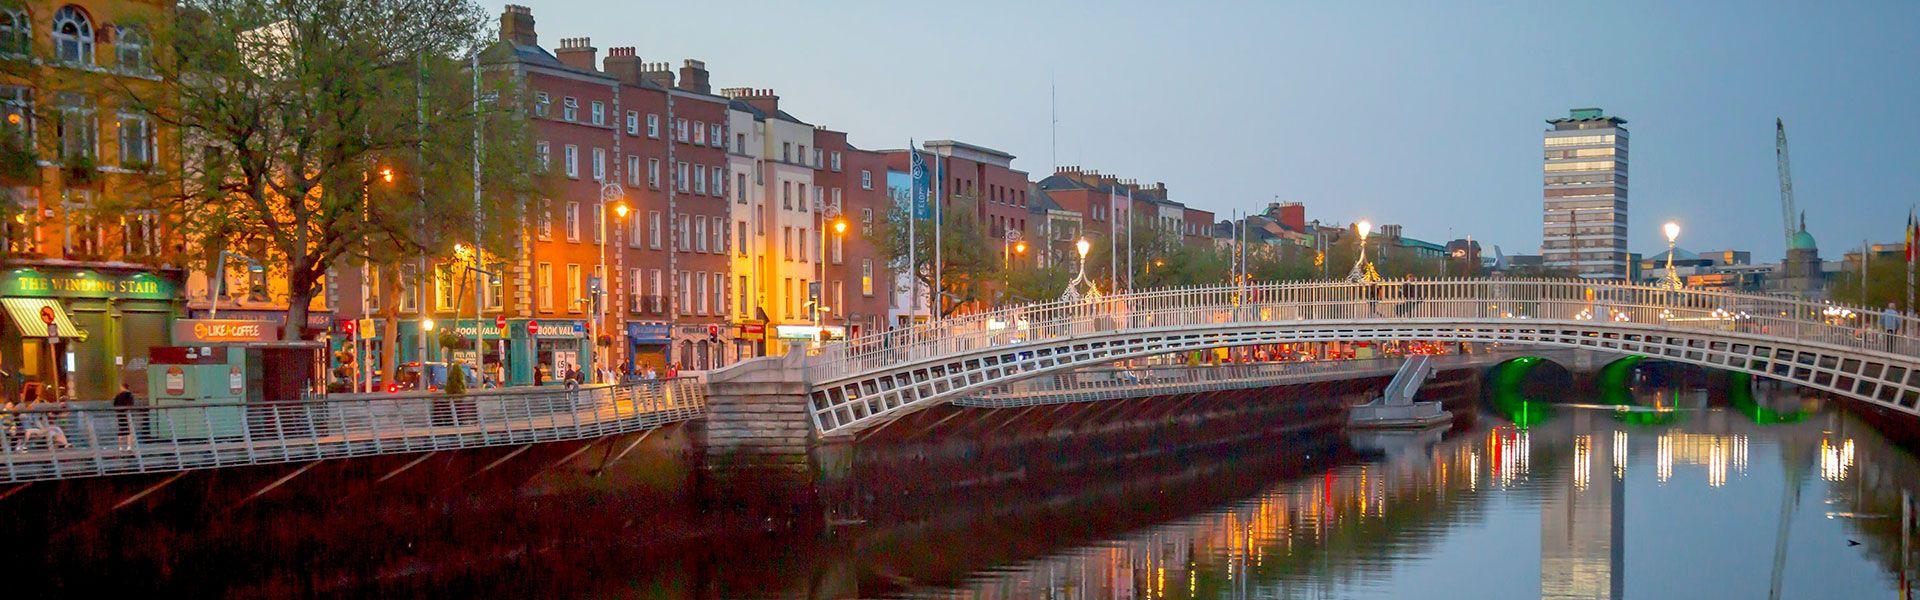 DUBLINO: un luogo, un fiume, una fortezza